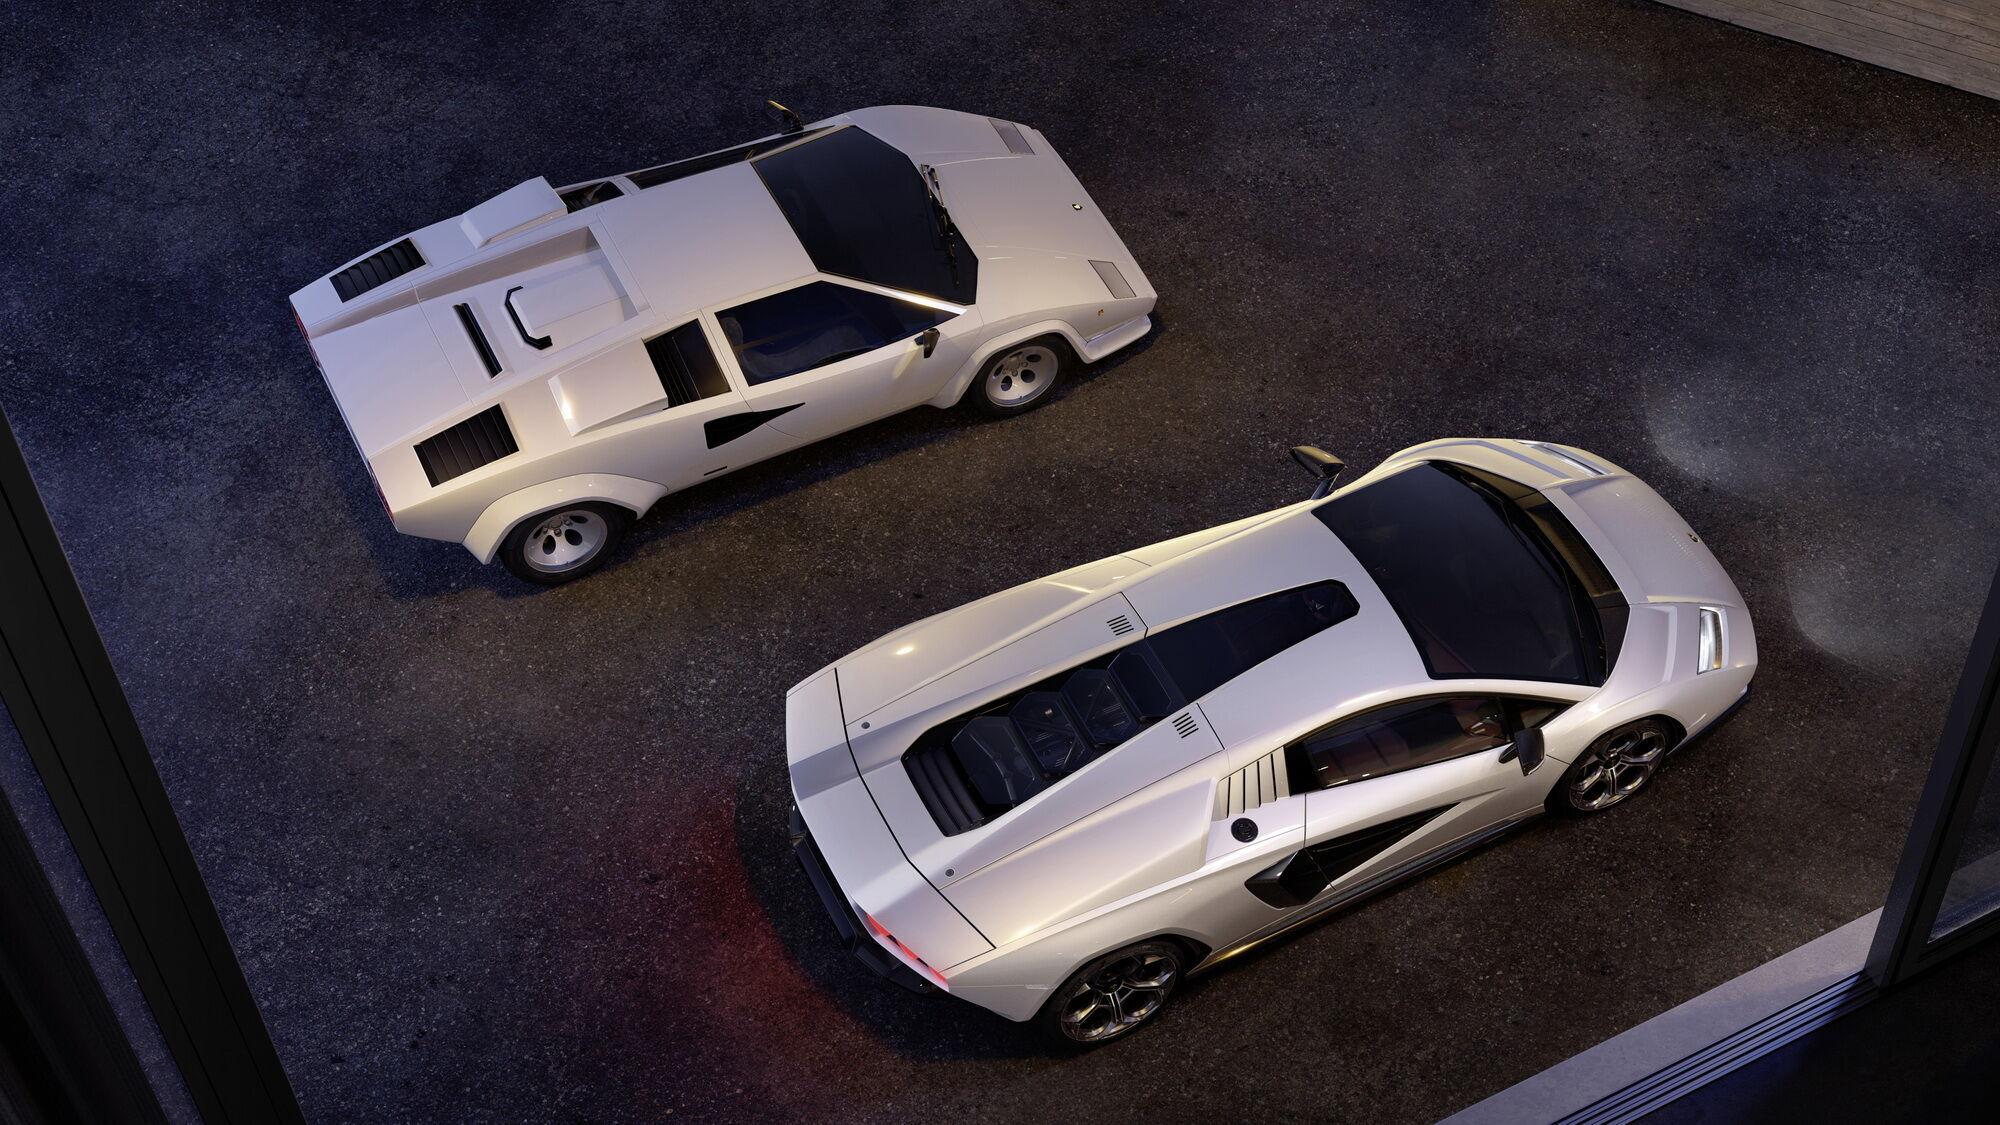 Під капотом новинки ховається 6,5-літровий V12, який розвиває потужність 780 к.с.